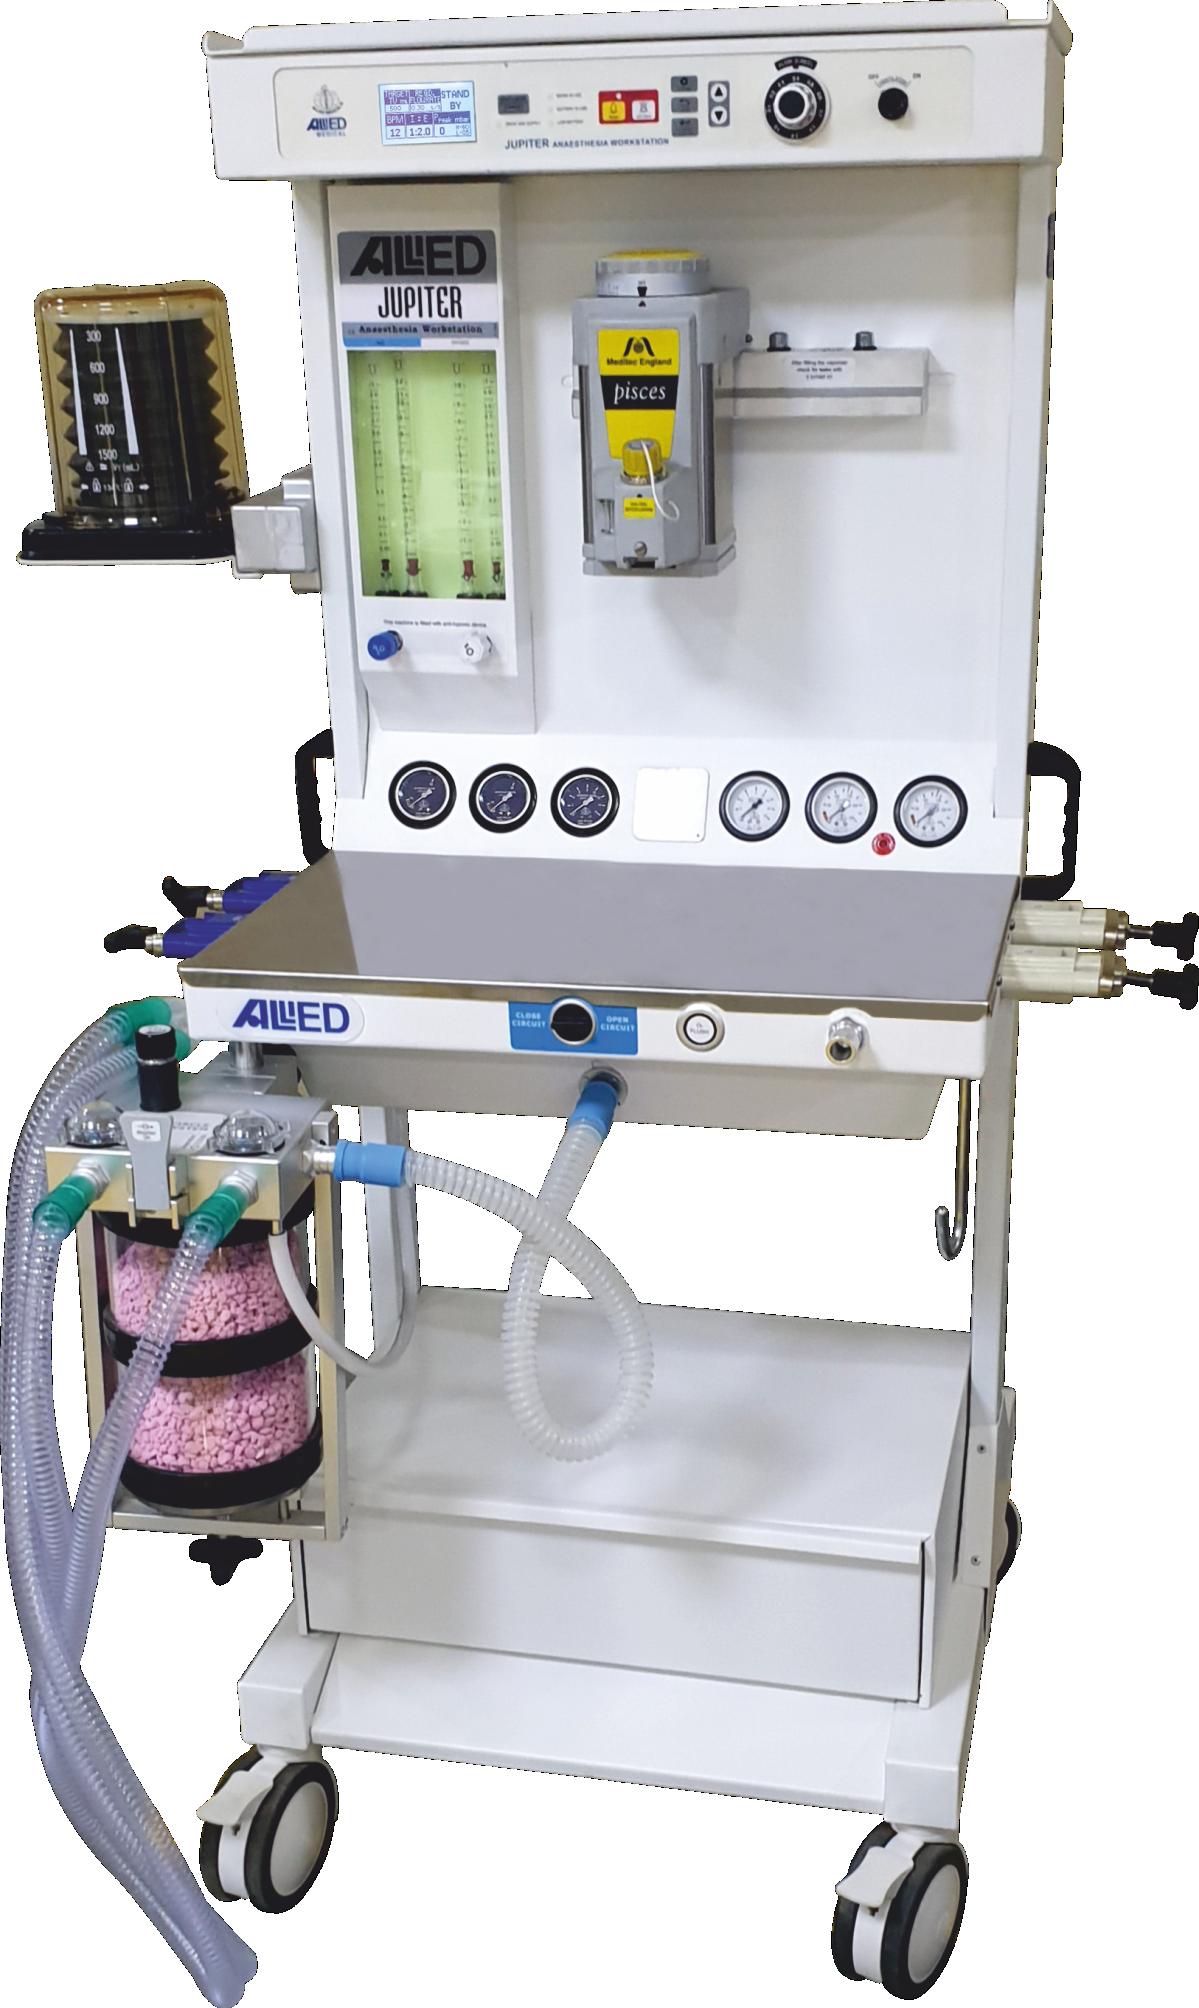 allied_jupiter_anaesthesia_workstation